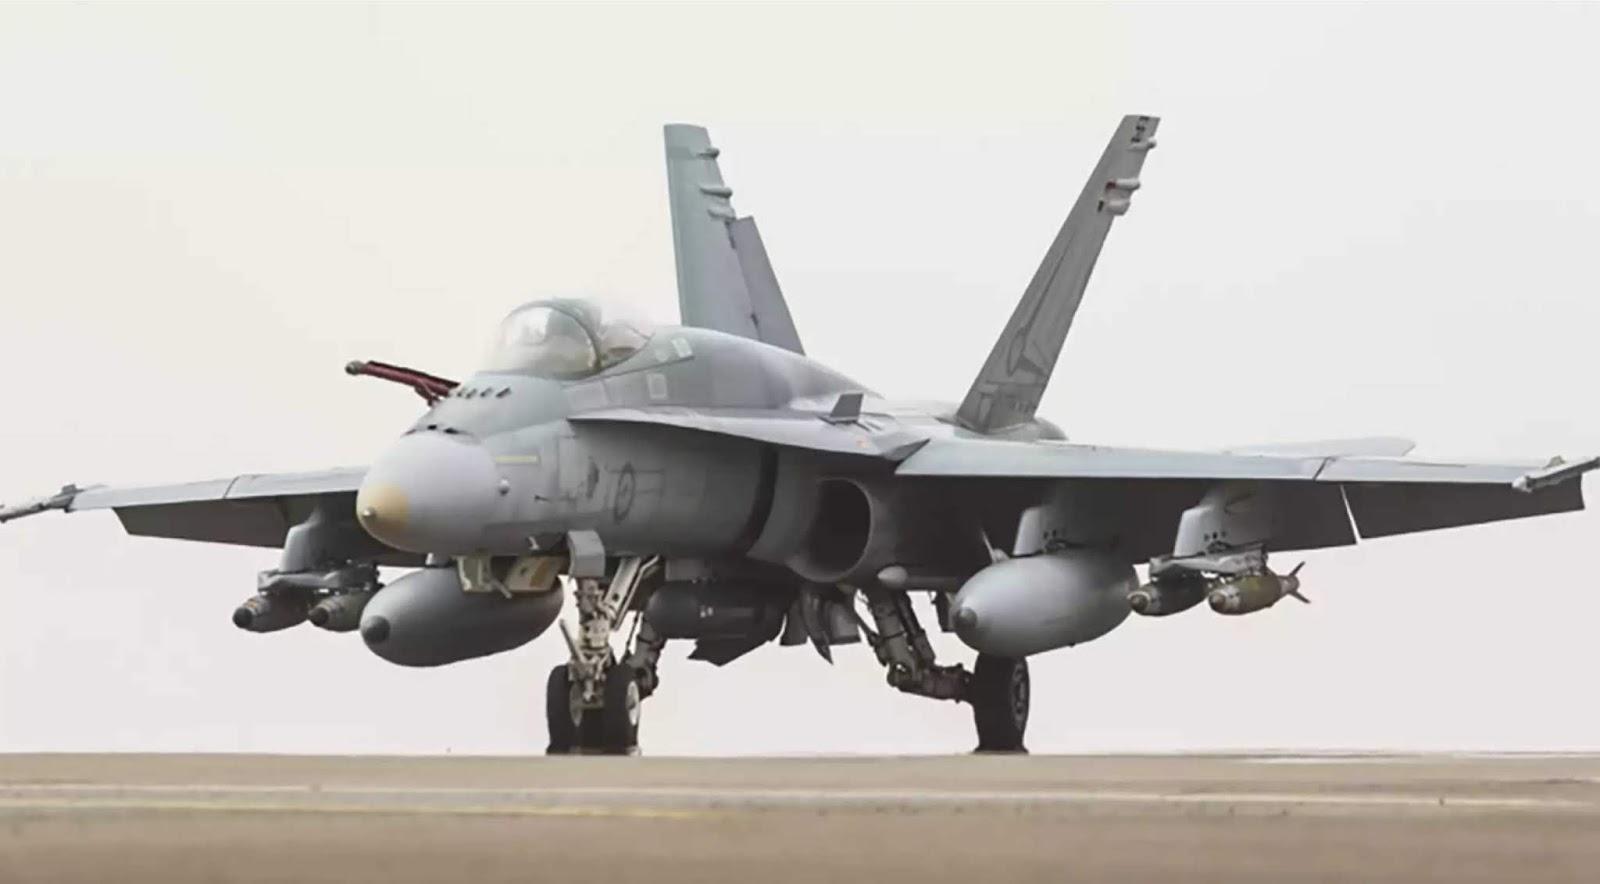 AU Kanada akan menerima pesawat tempur F - A-18 pertama dari Australia pada musim semi 2019